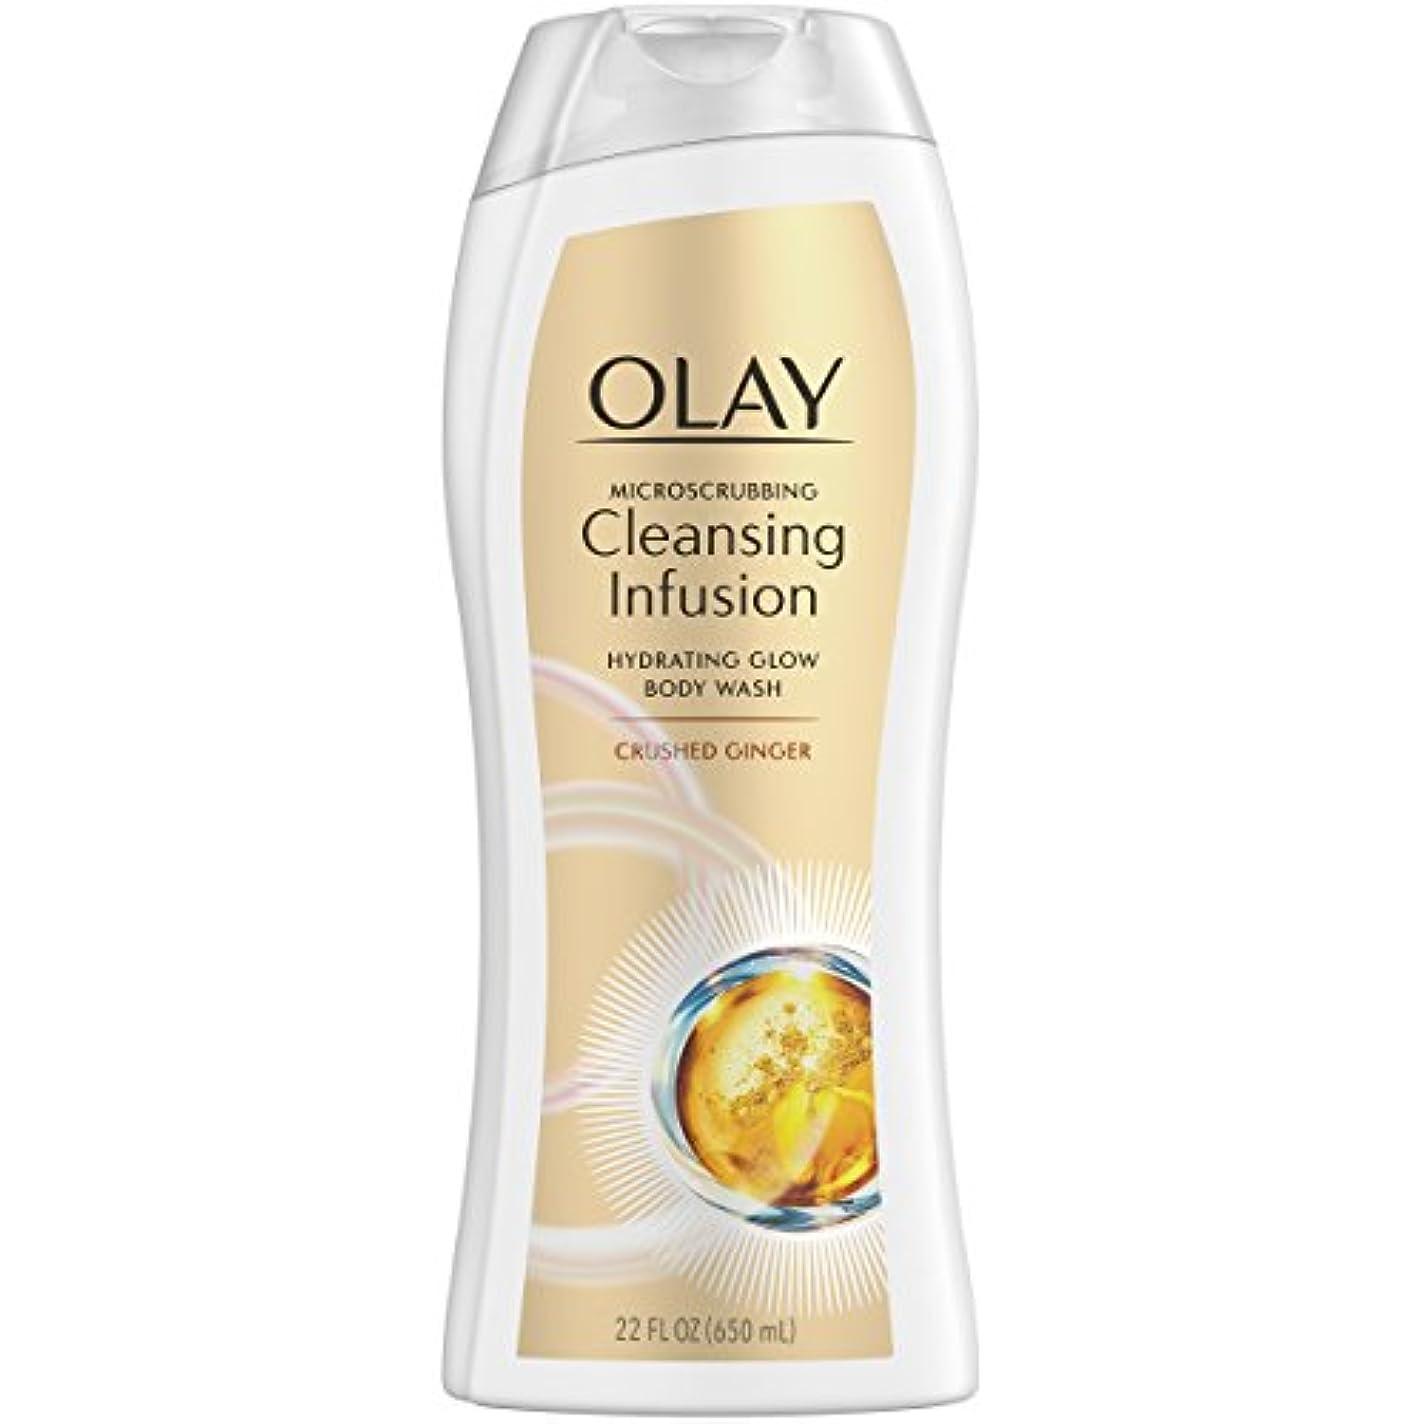 糞プラグ法律Olay Microscrubbingクレンジング注入ボディウォッシュ、砕石ジンジャー、22オンス